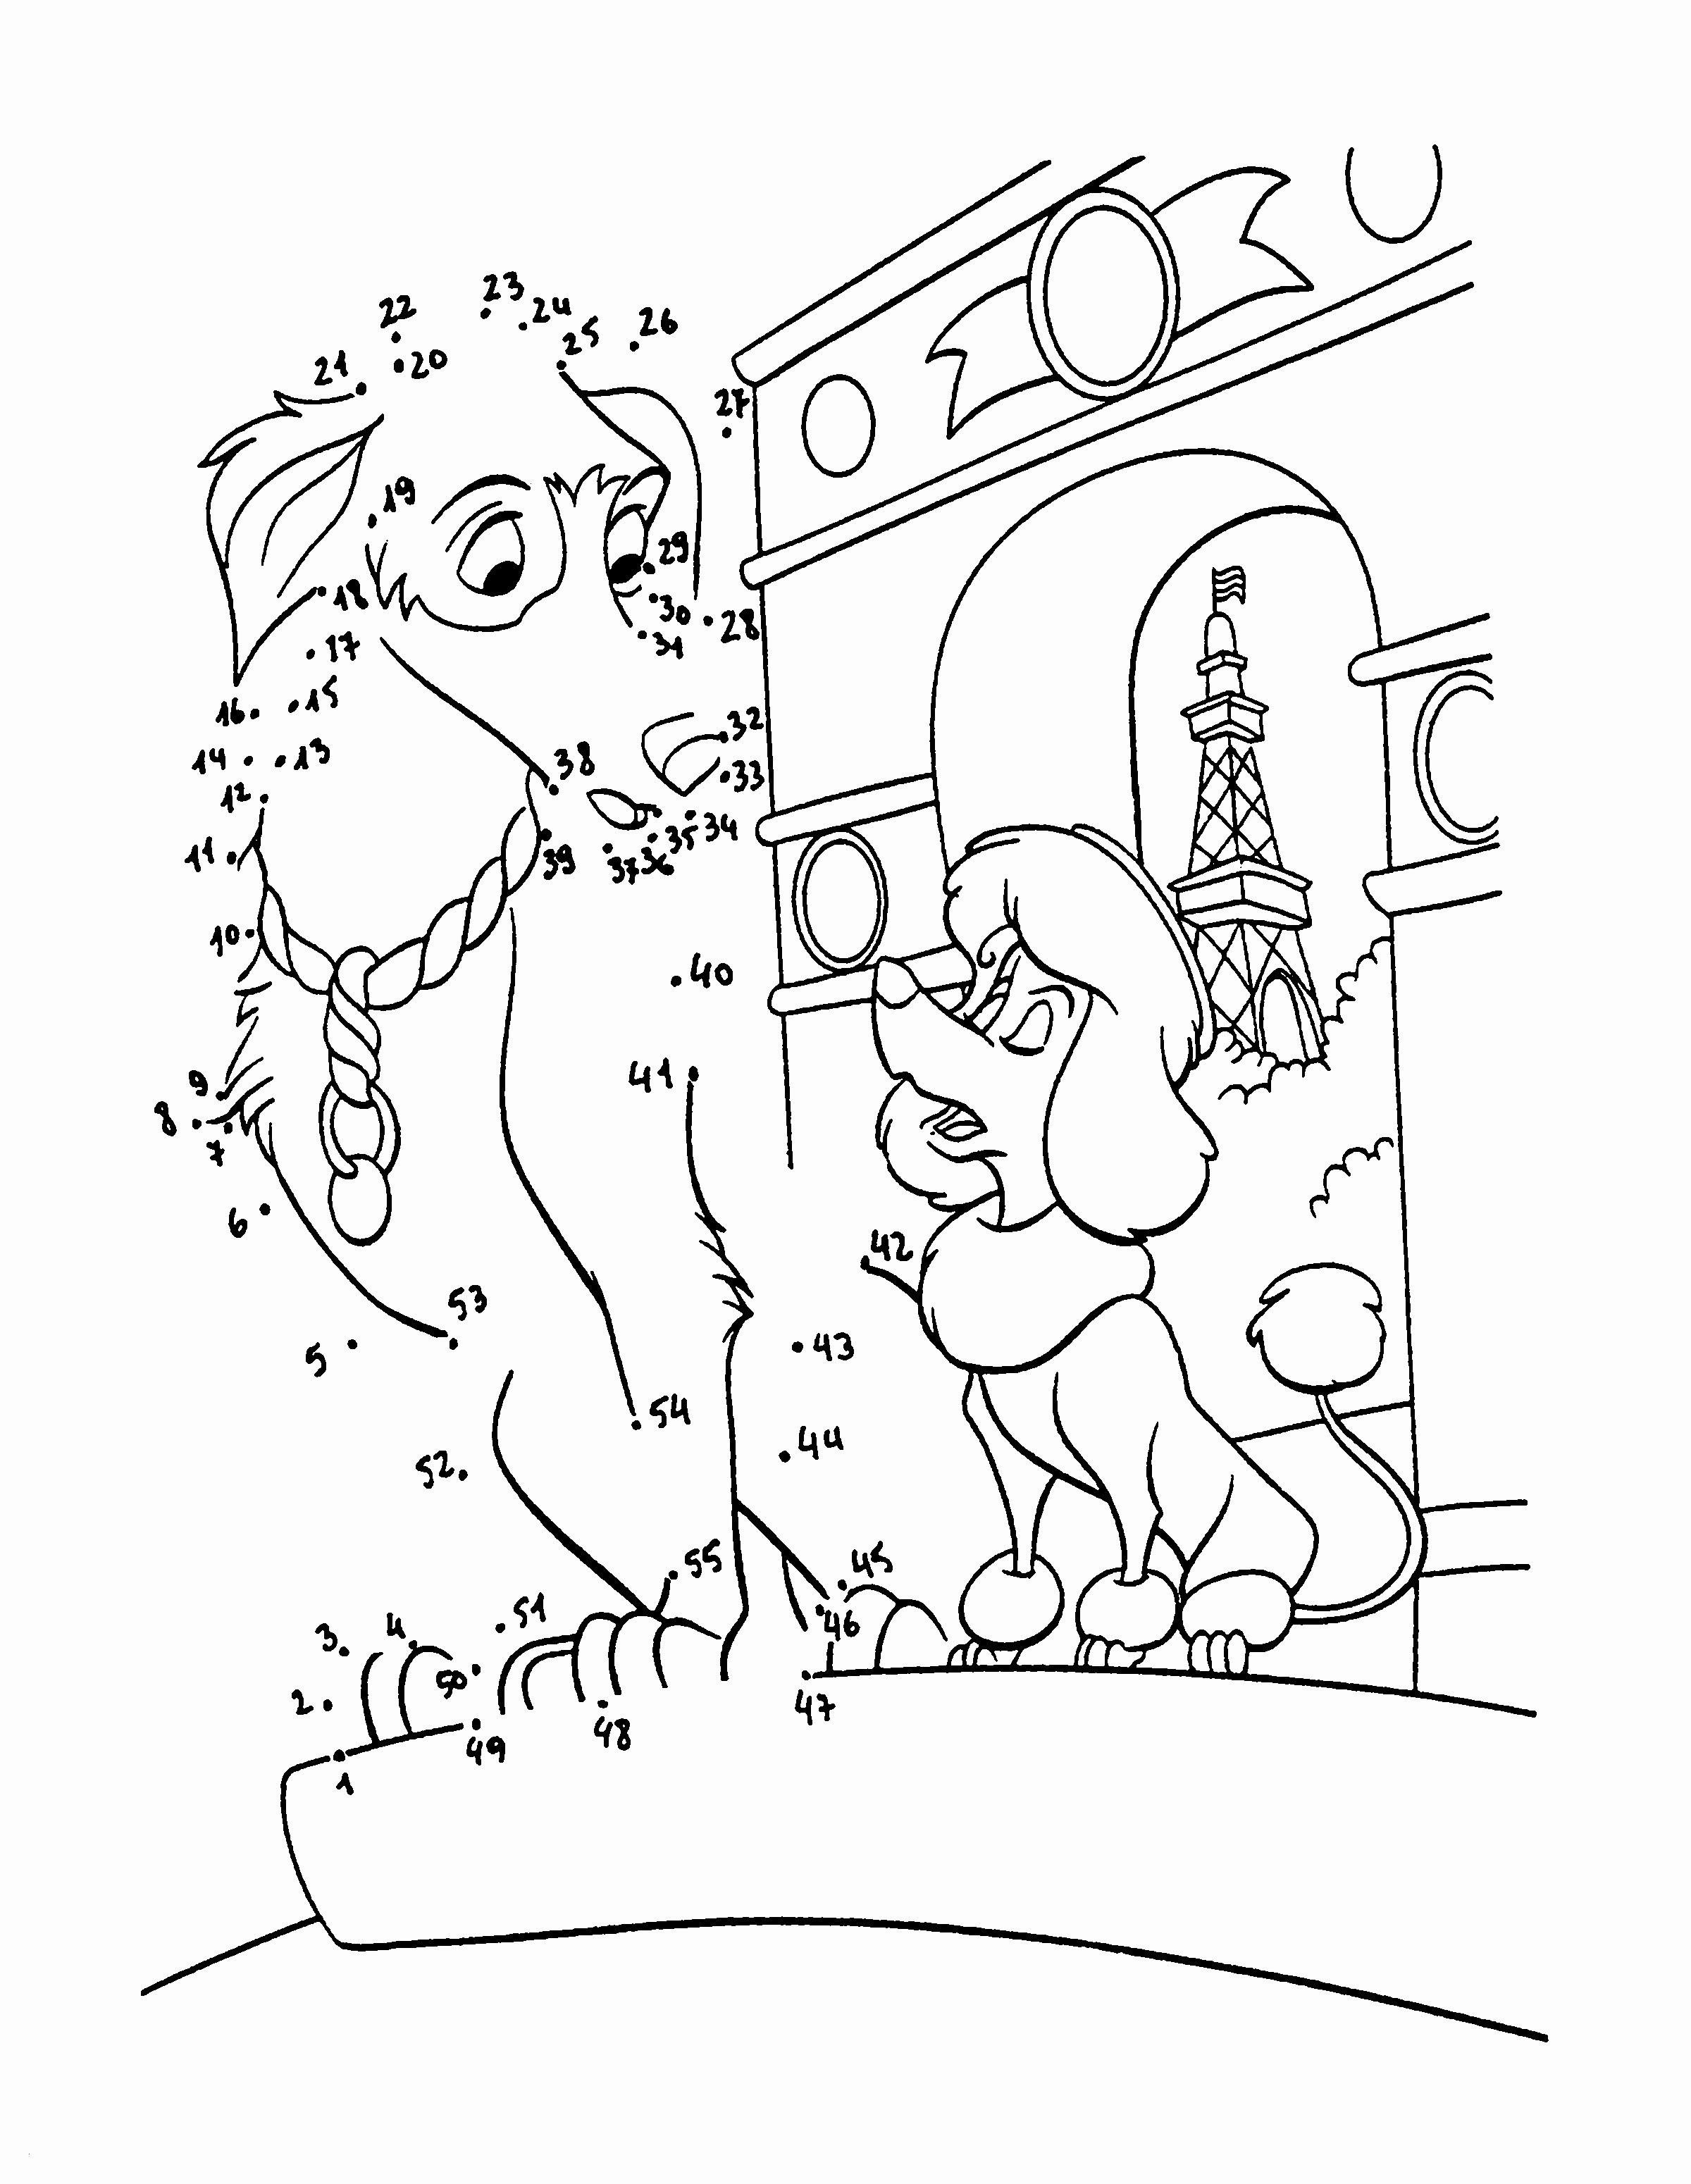 Weihnachtsmann Und Co Kg Ausmalbilder Das Beste Von 38 Malvorlagen Lokomotive Scoredatscore Schön Weihnachtsmann Mit Sammlung